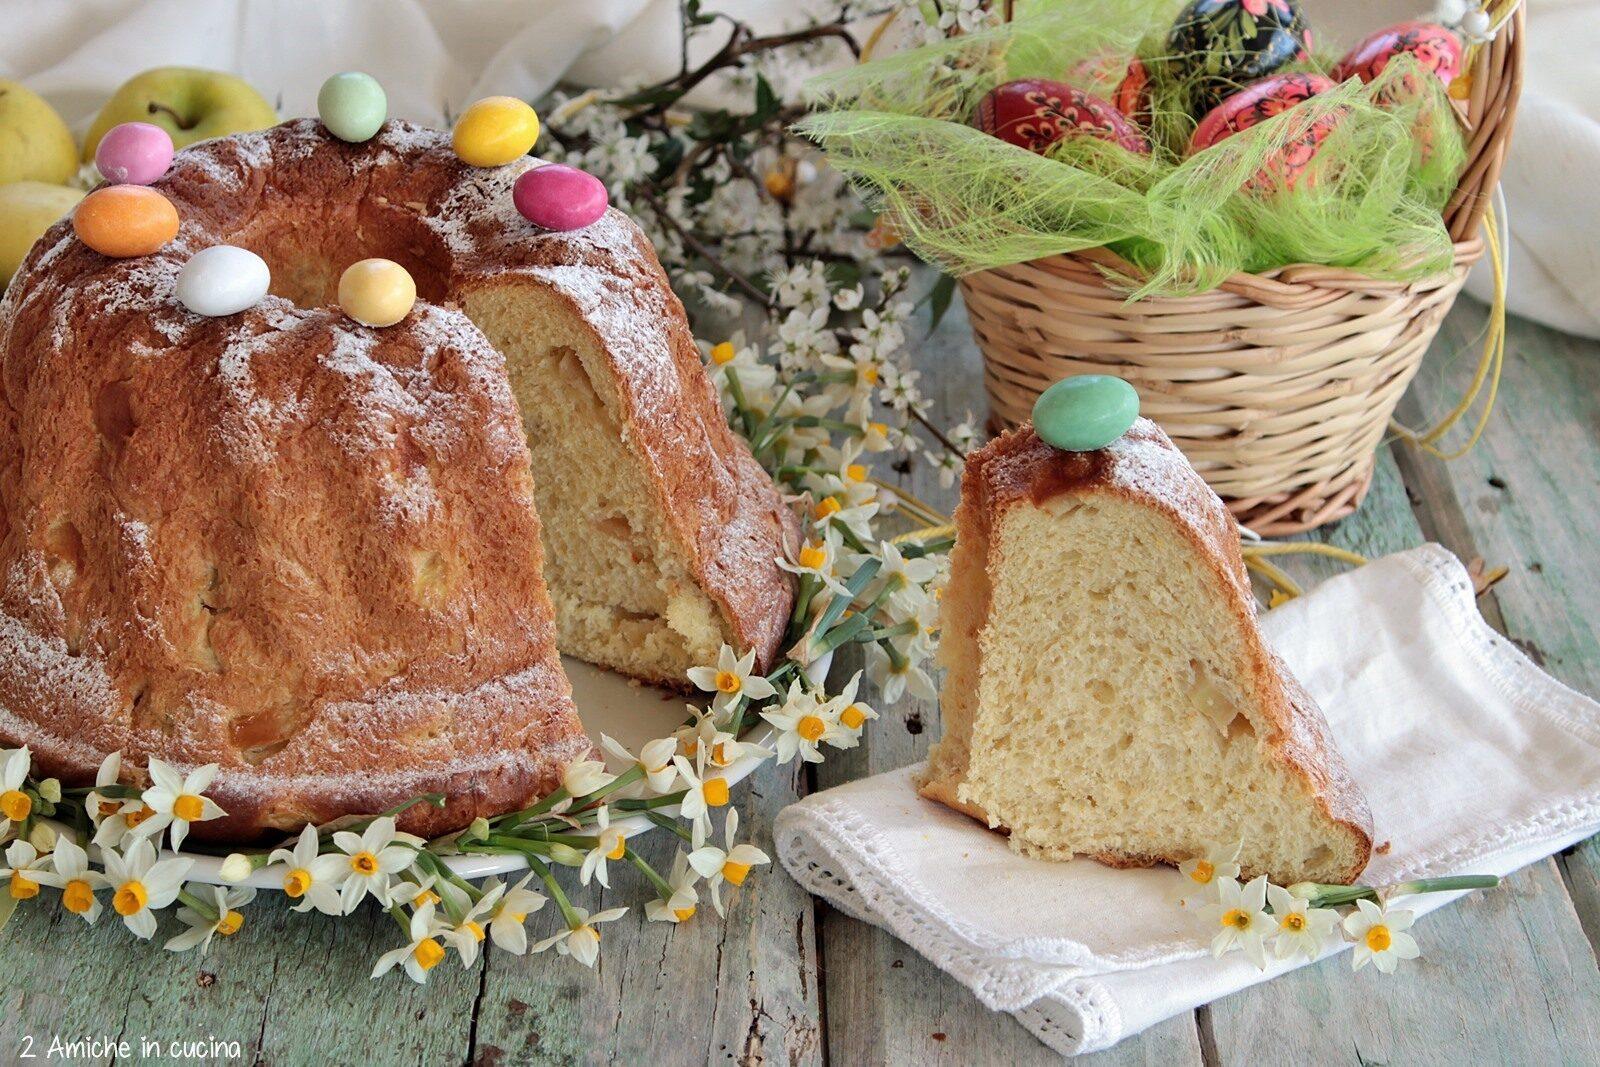 Babka Wielkanocna, la torta di Pasqua polacca